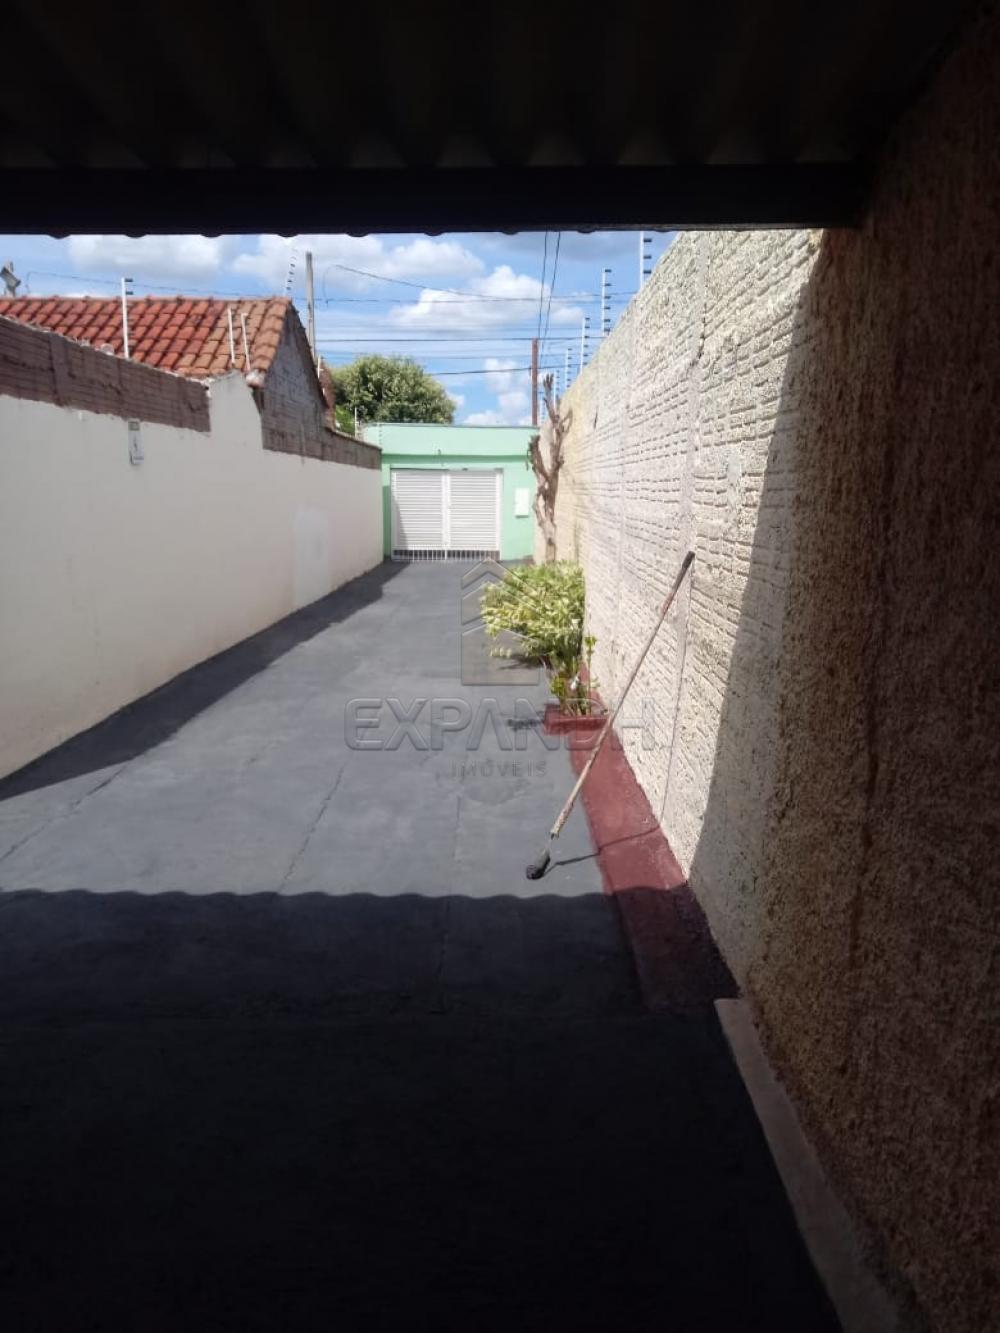 Alugar Casas / Padrão em Sertãozinho R$ 690,00 - Foto 7